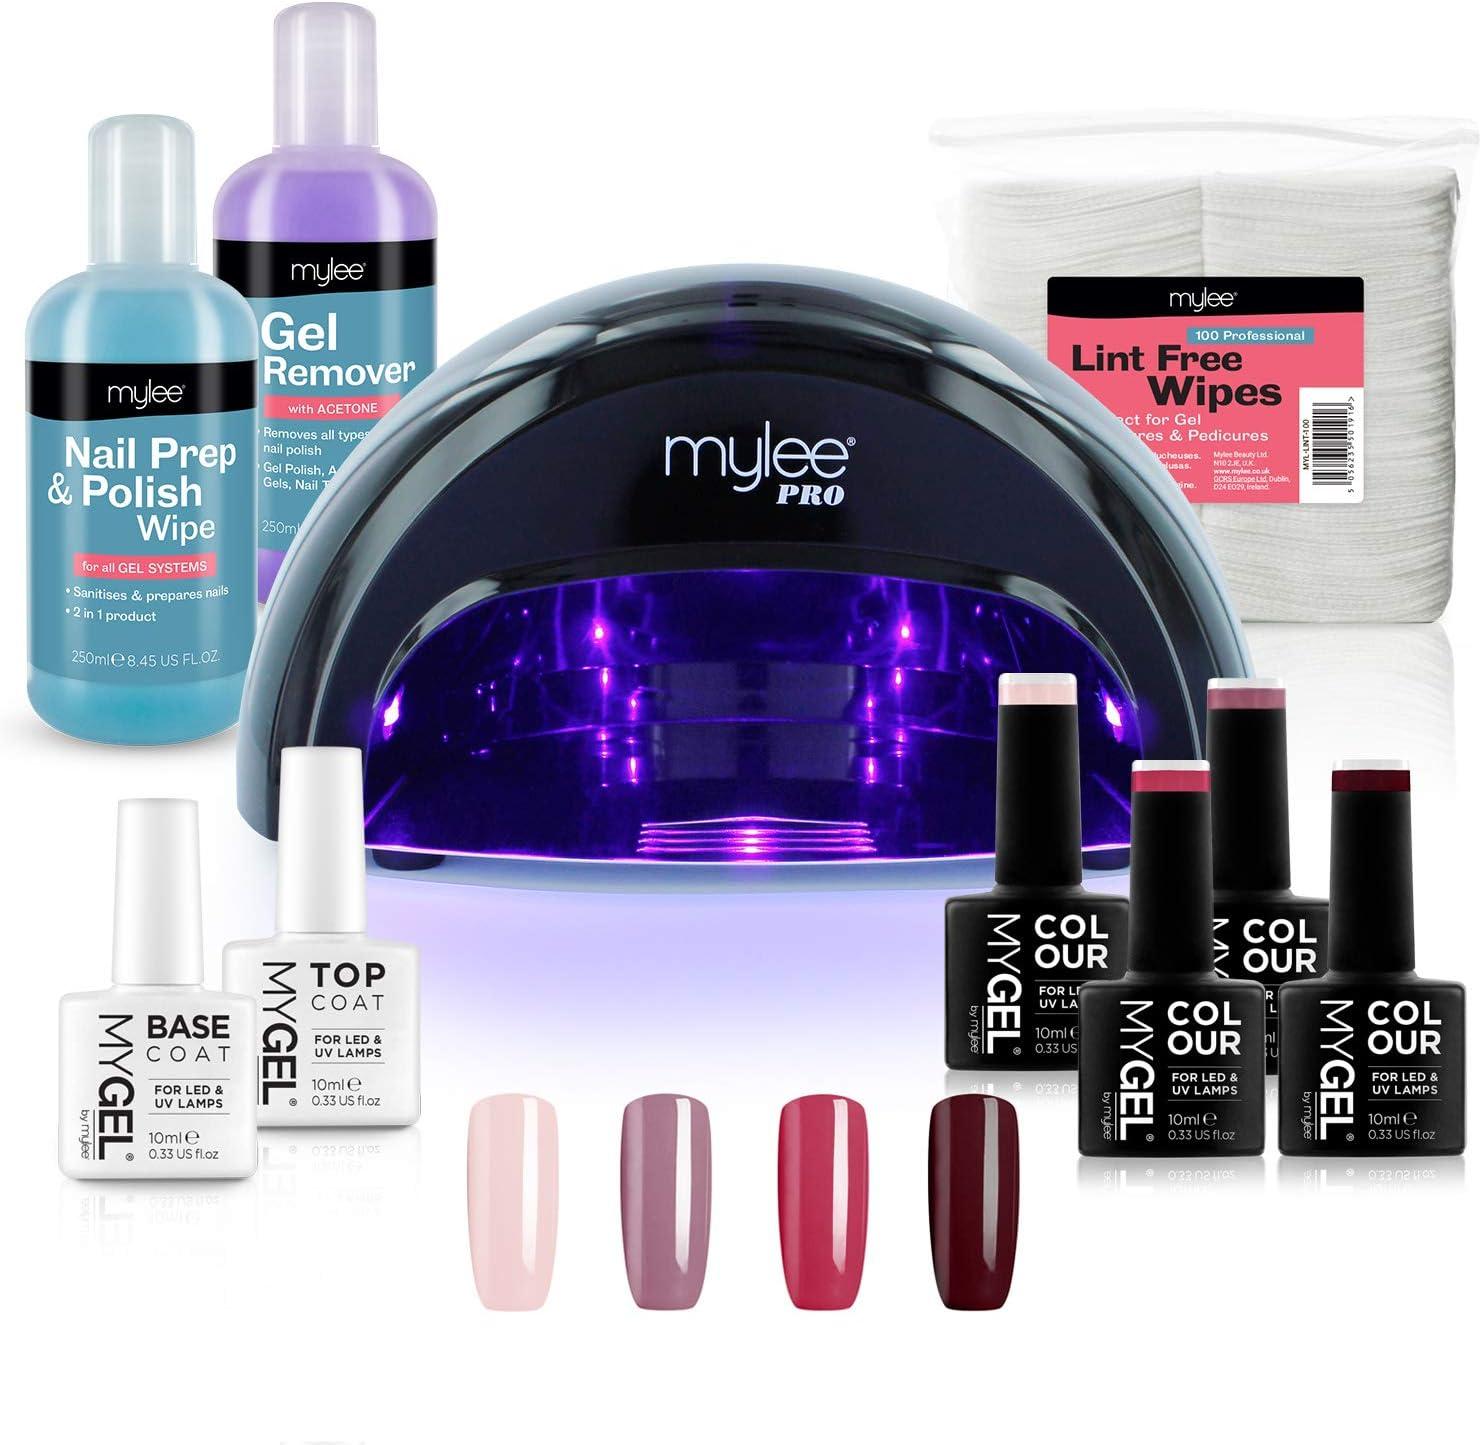 Kit Profesional LED Mylee para barniz de uñas, 4x colores MYGEL, capa superior e inferior, lámpara LED de curado convexo Mylee PRO Series, Prep & Wipe, removedor de gel (Negro): Amazon.es: Belleza